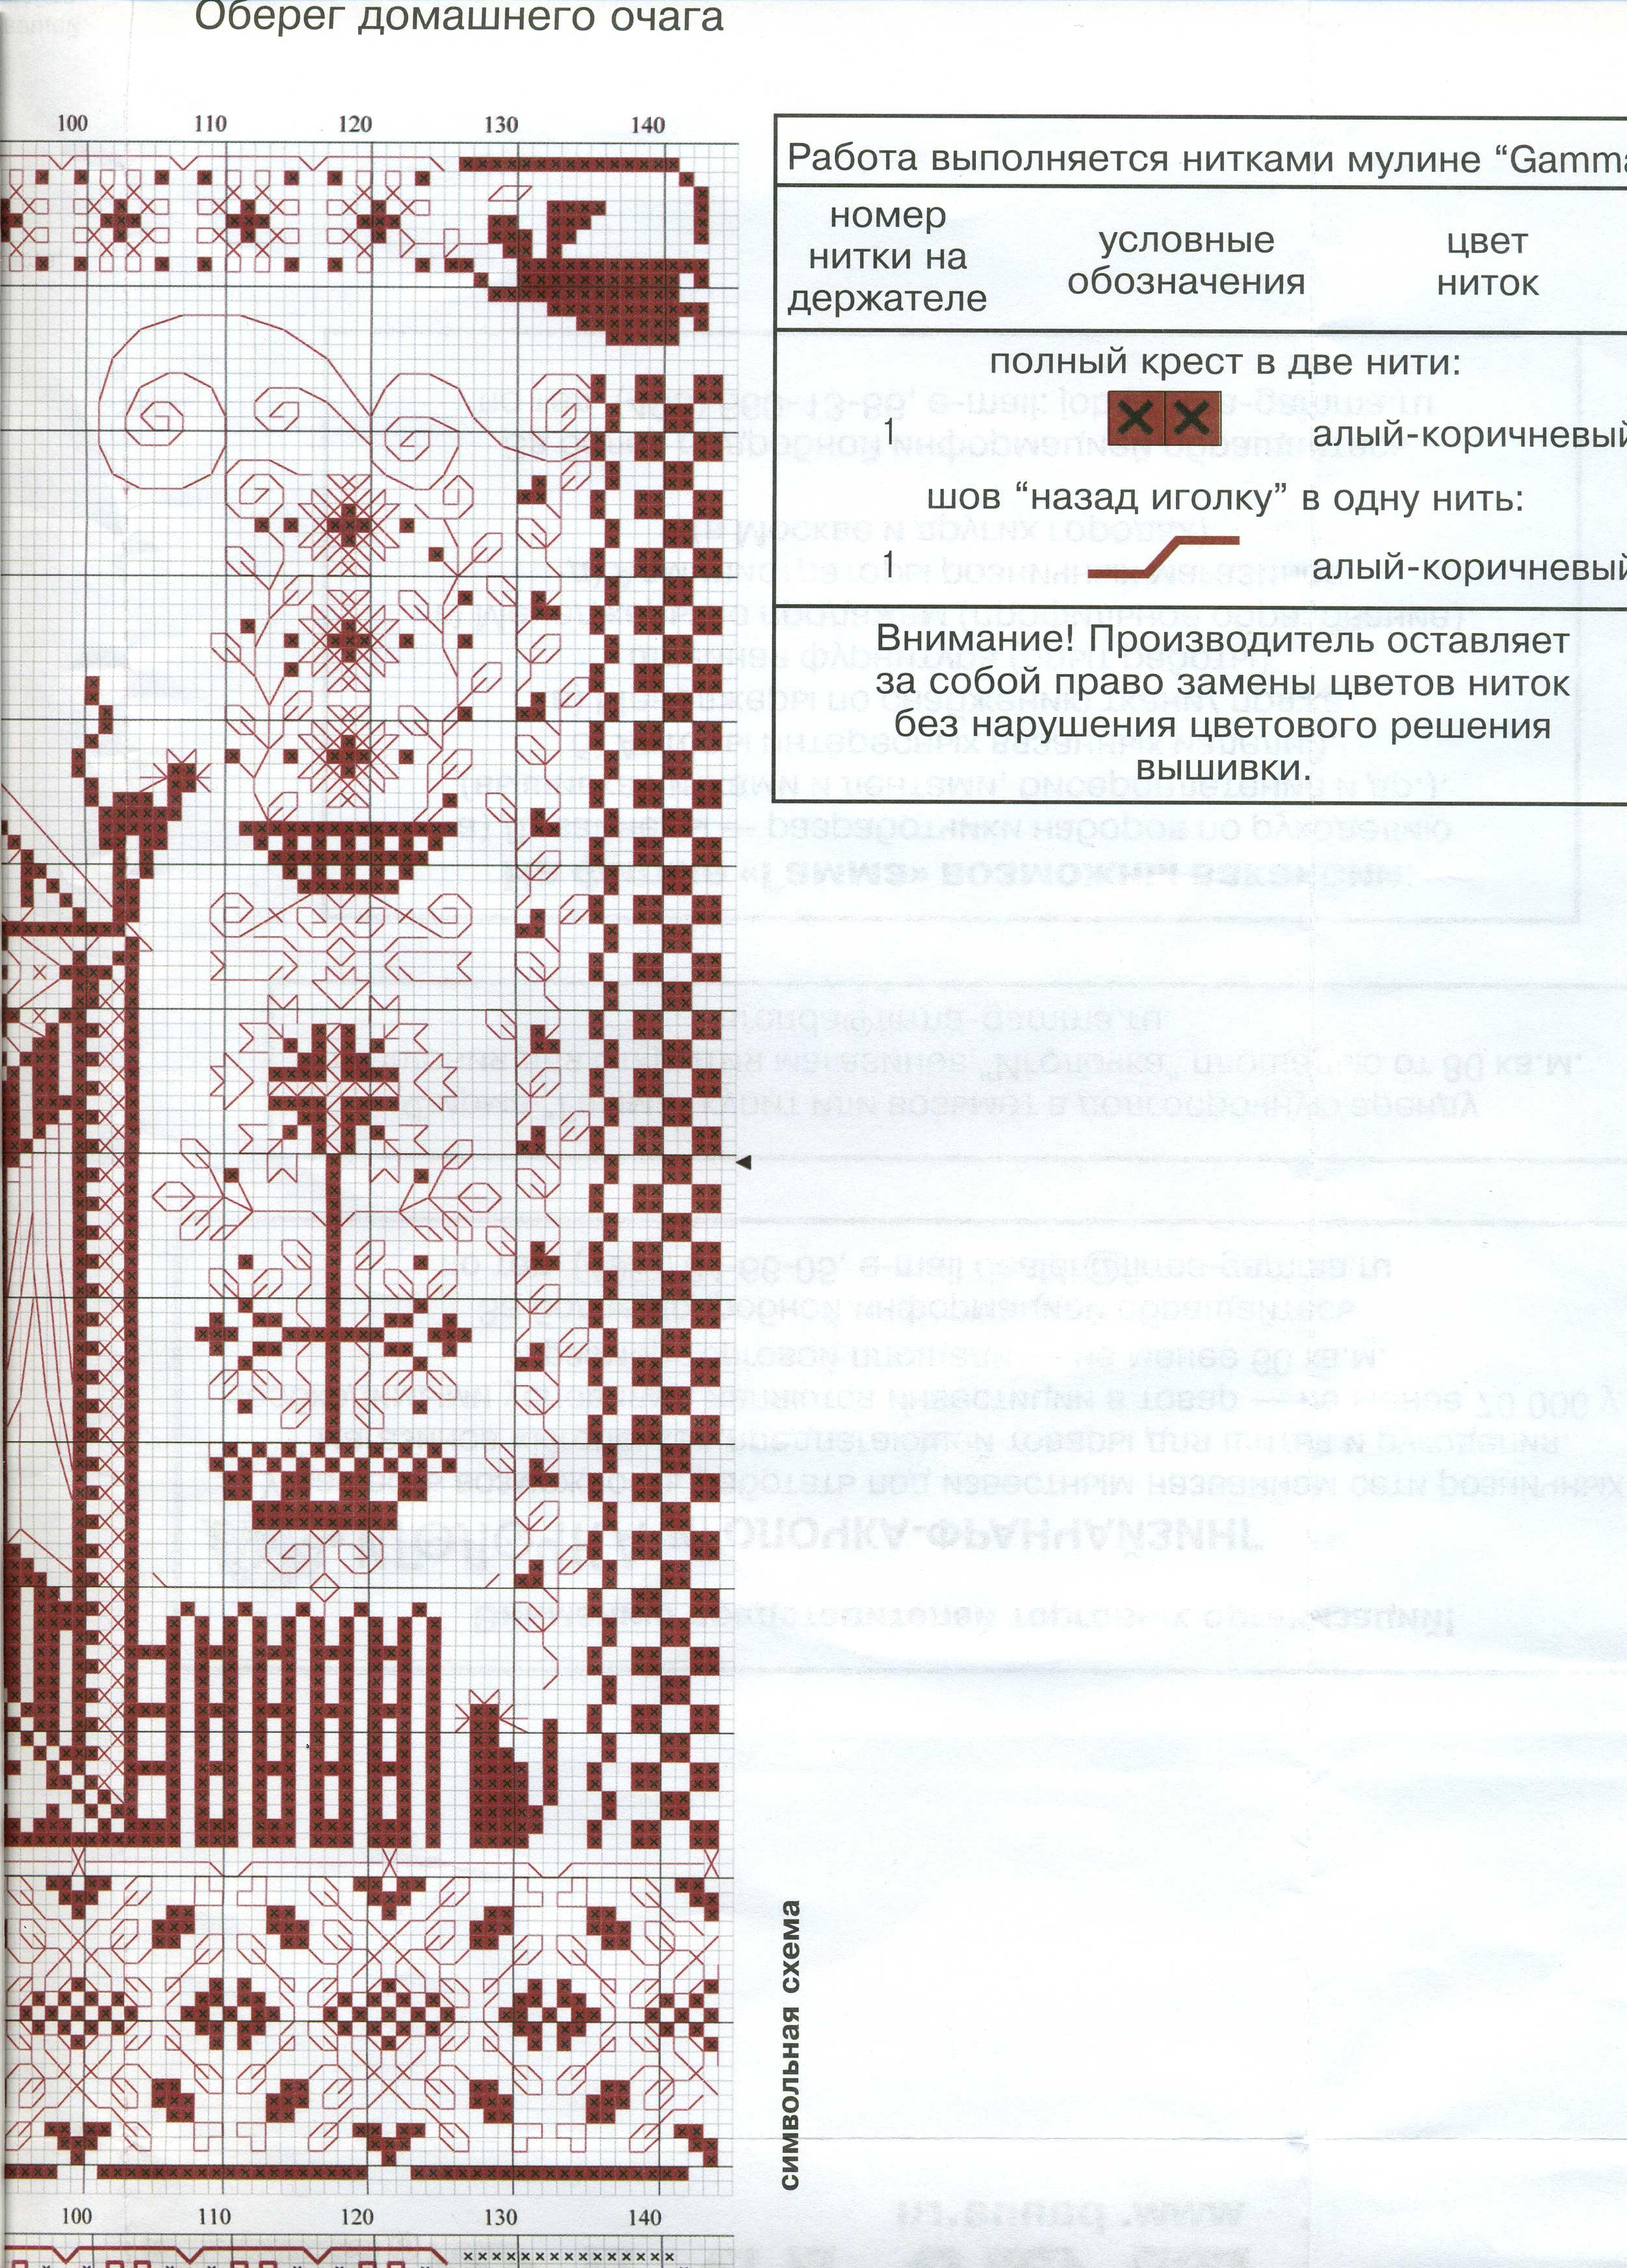 Вышивка крестом домашний оберег схема вышивки